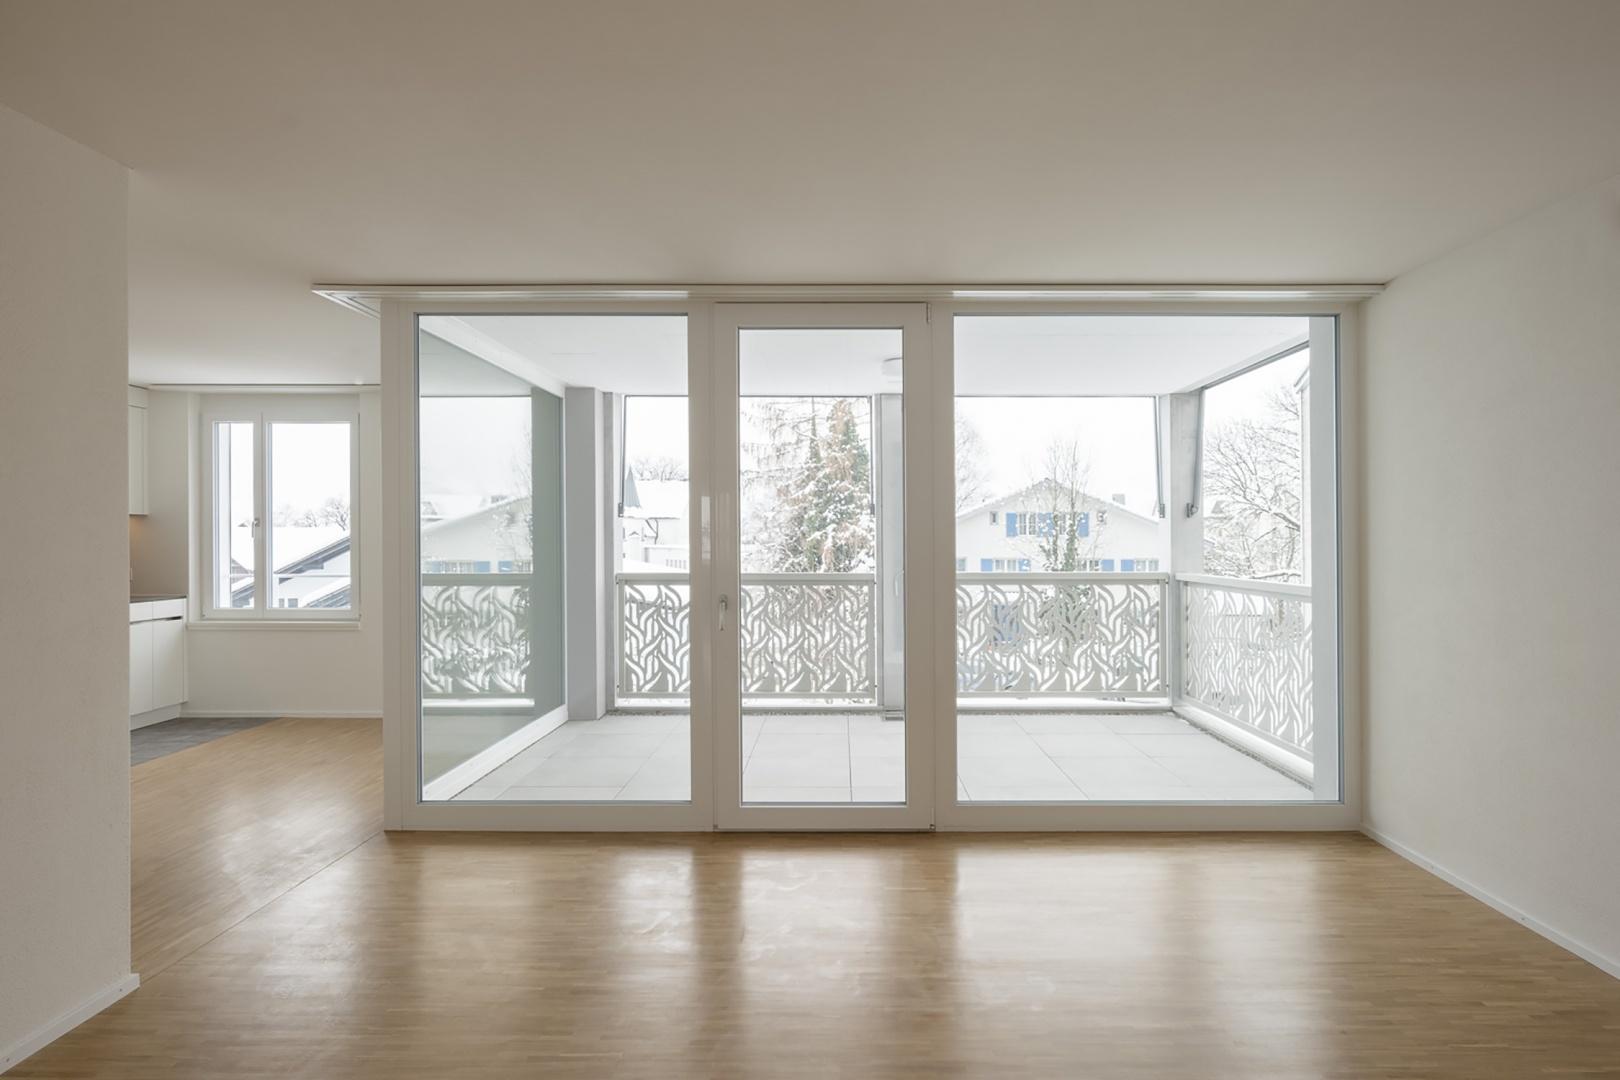 Eingezogene Loggien als individuelle Aussenräume © Stephan Bösch, St. Gallen 2017